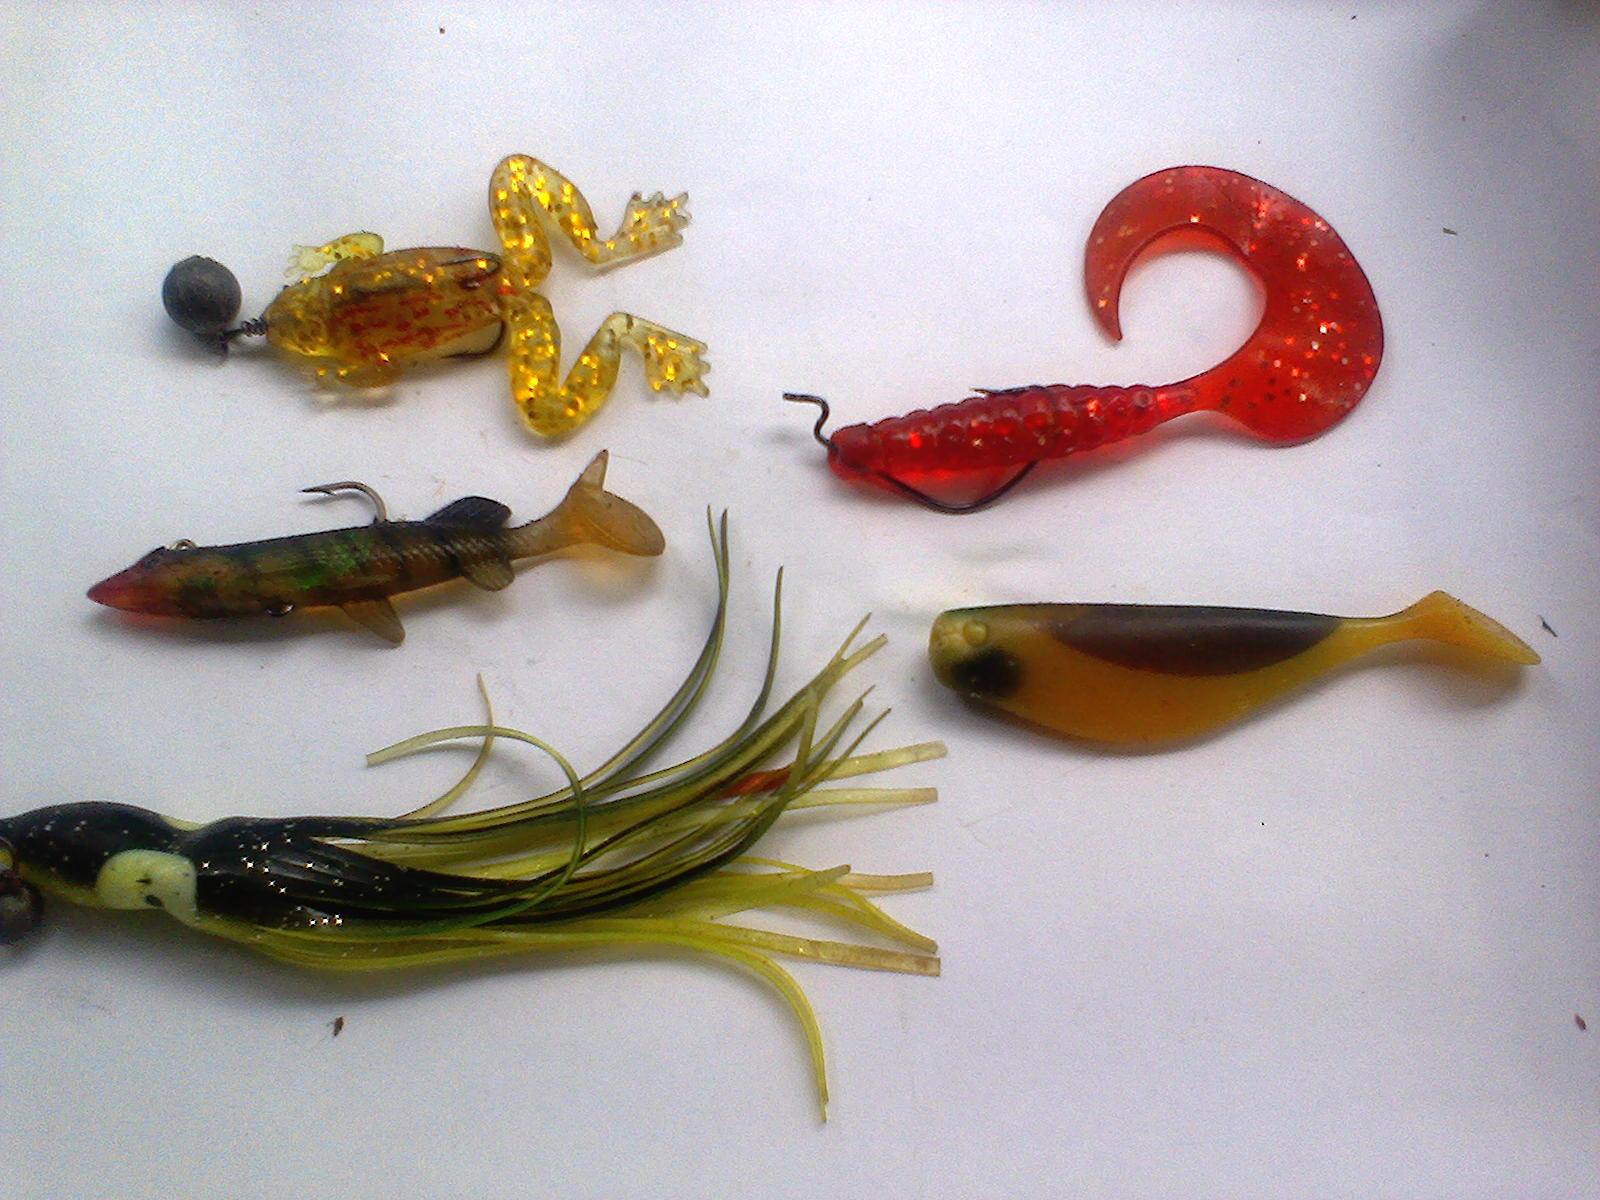 Плавающие силиконовые приманки — Здесь рыба